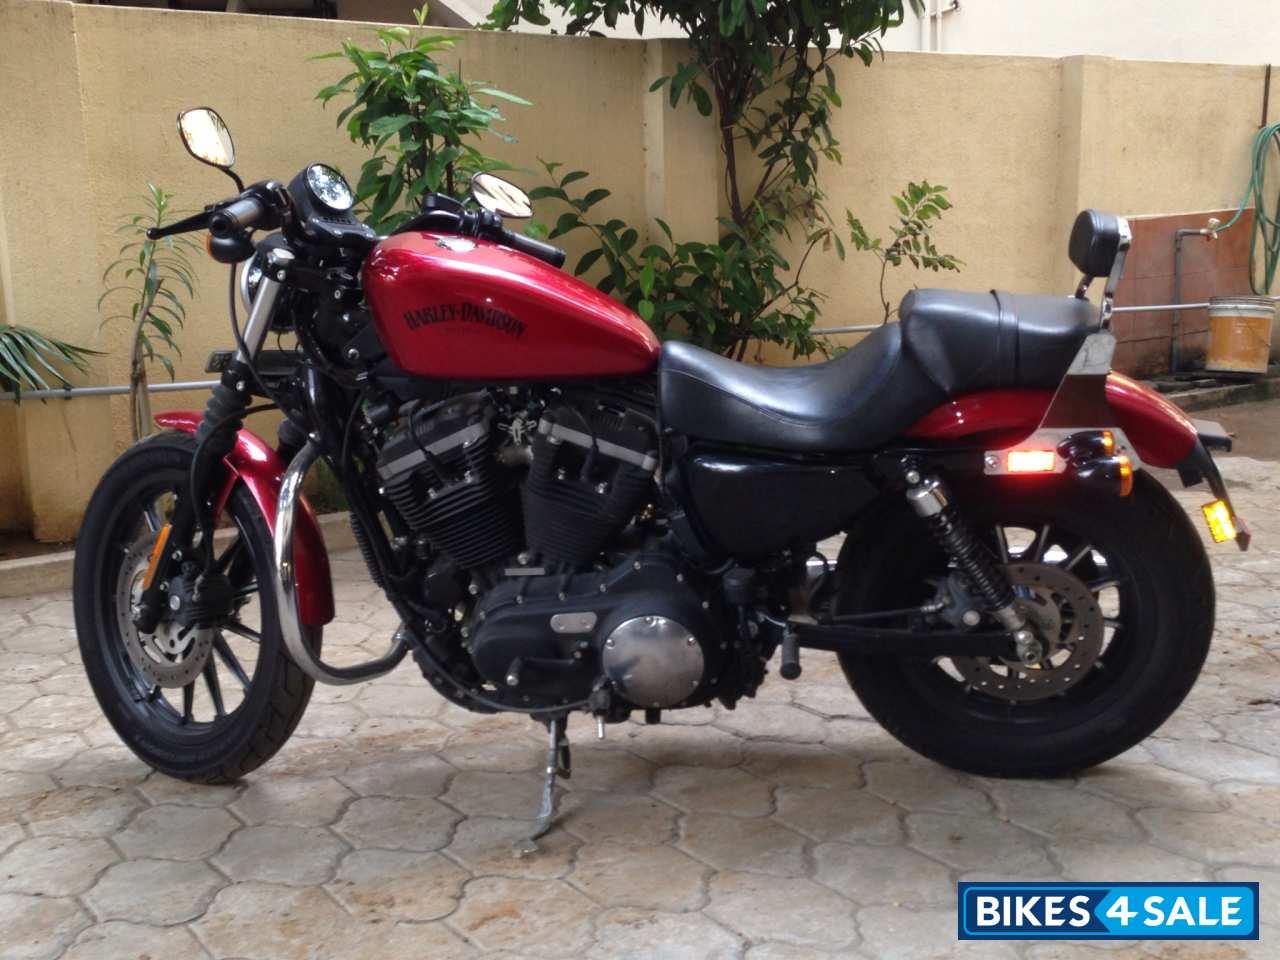 Harley Davidson Iron 883 Price in Kerala Red Harley Davidson Iron 883